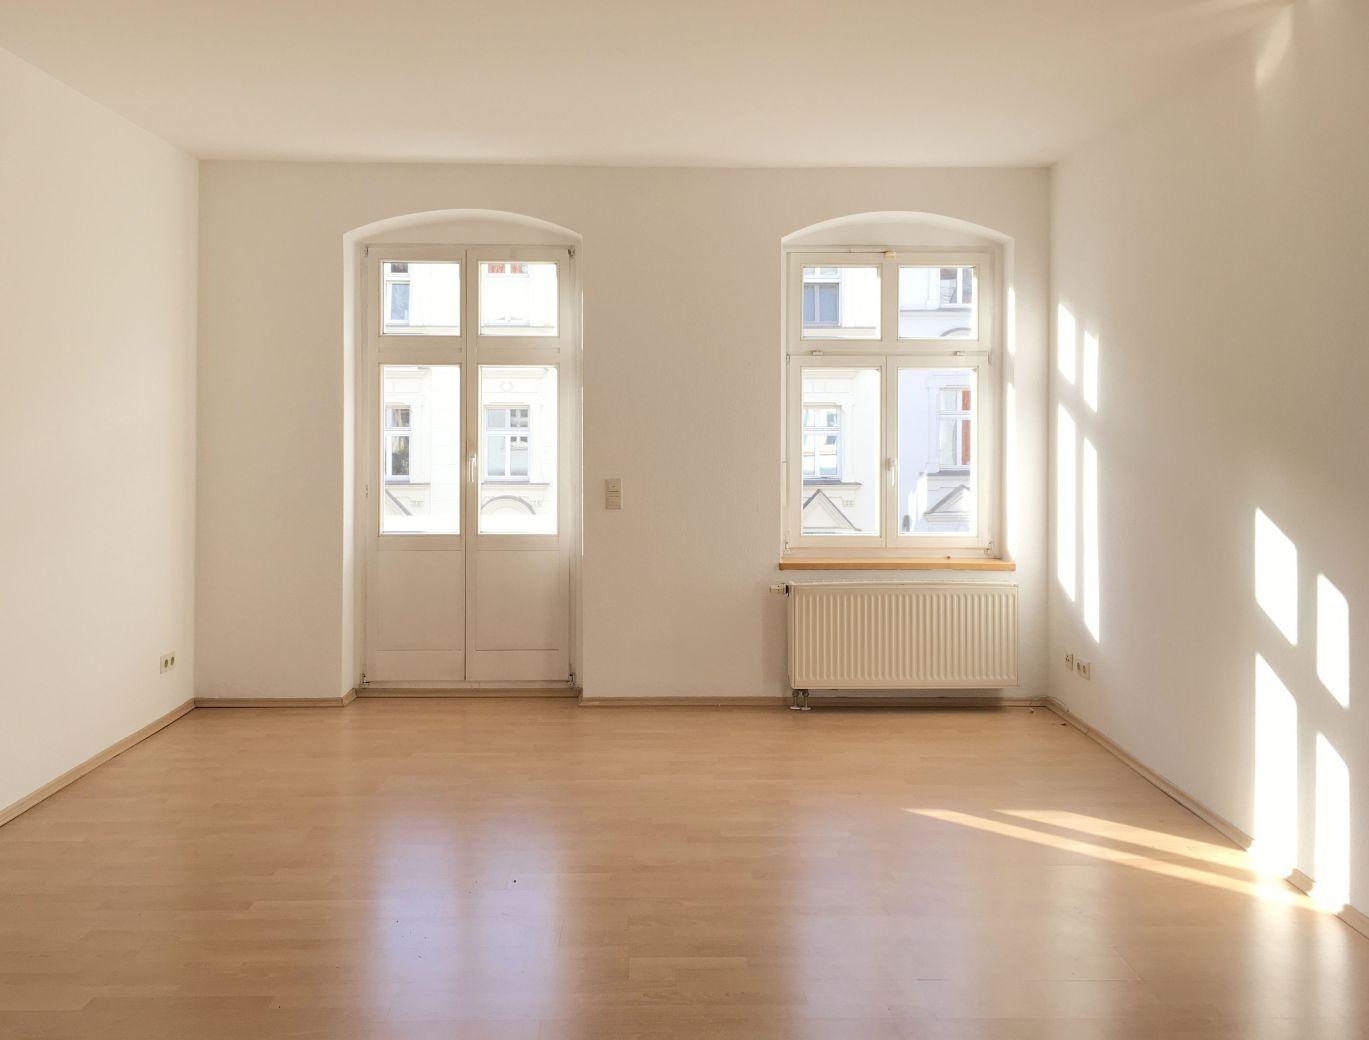 Zimmer vorn (Bsp. einer andere